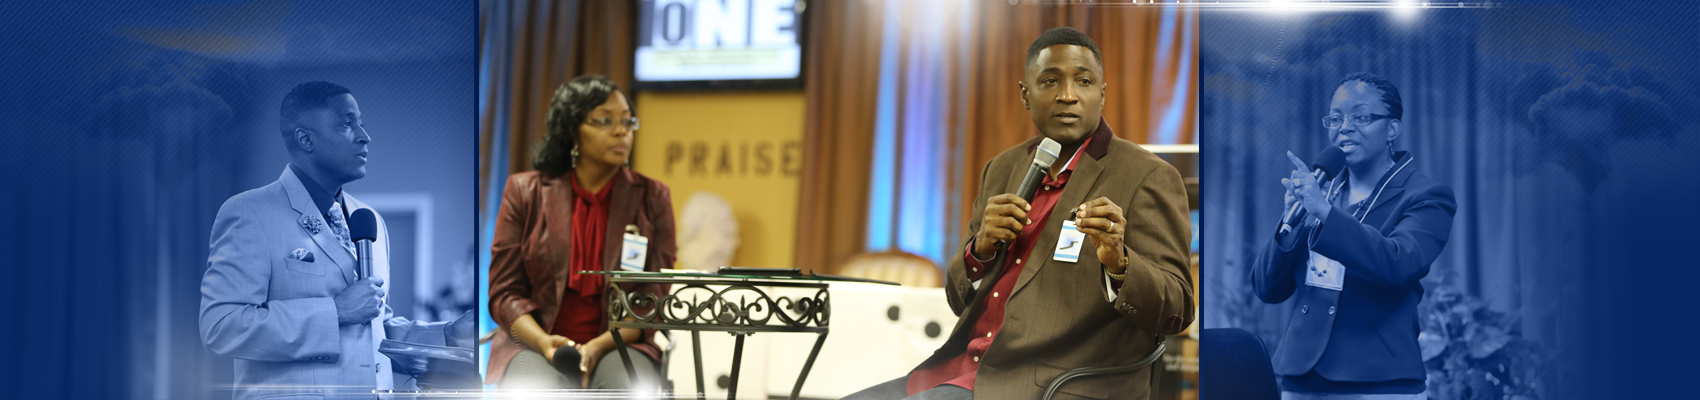 slide_ministering